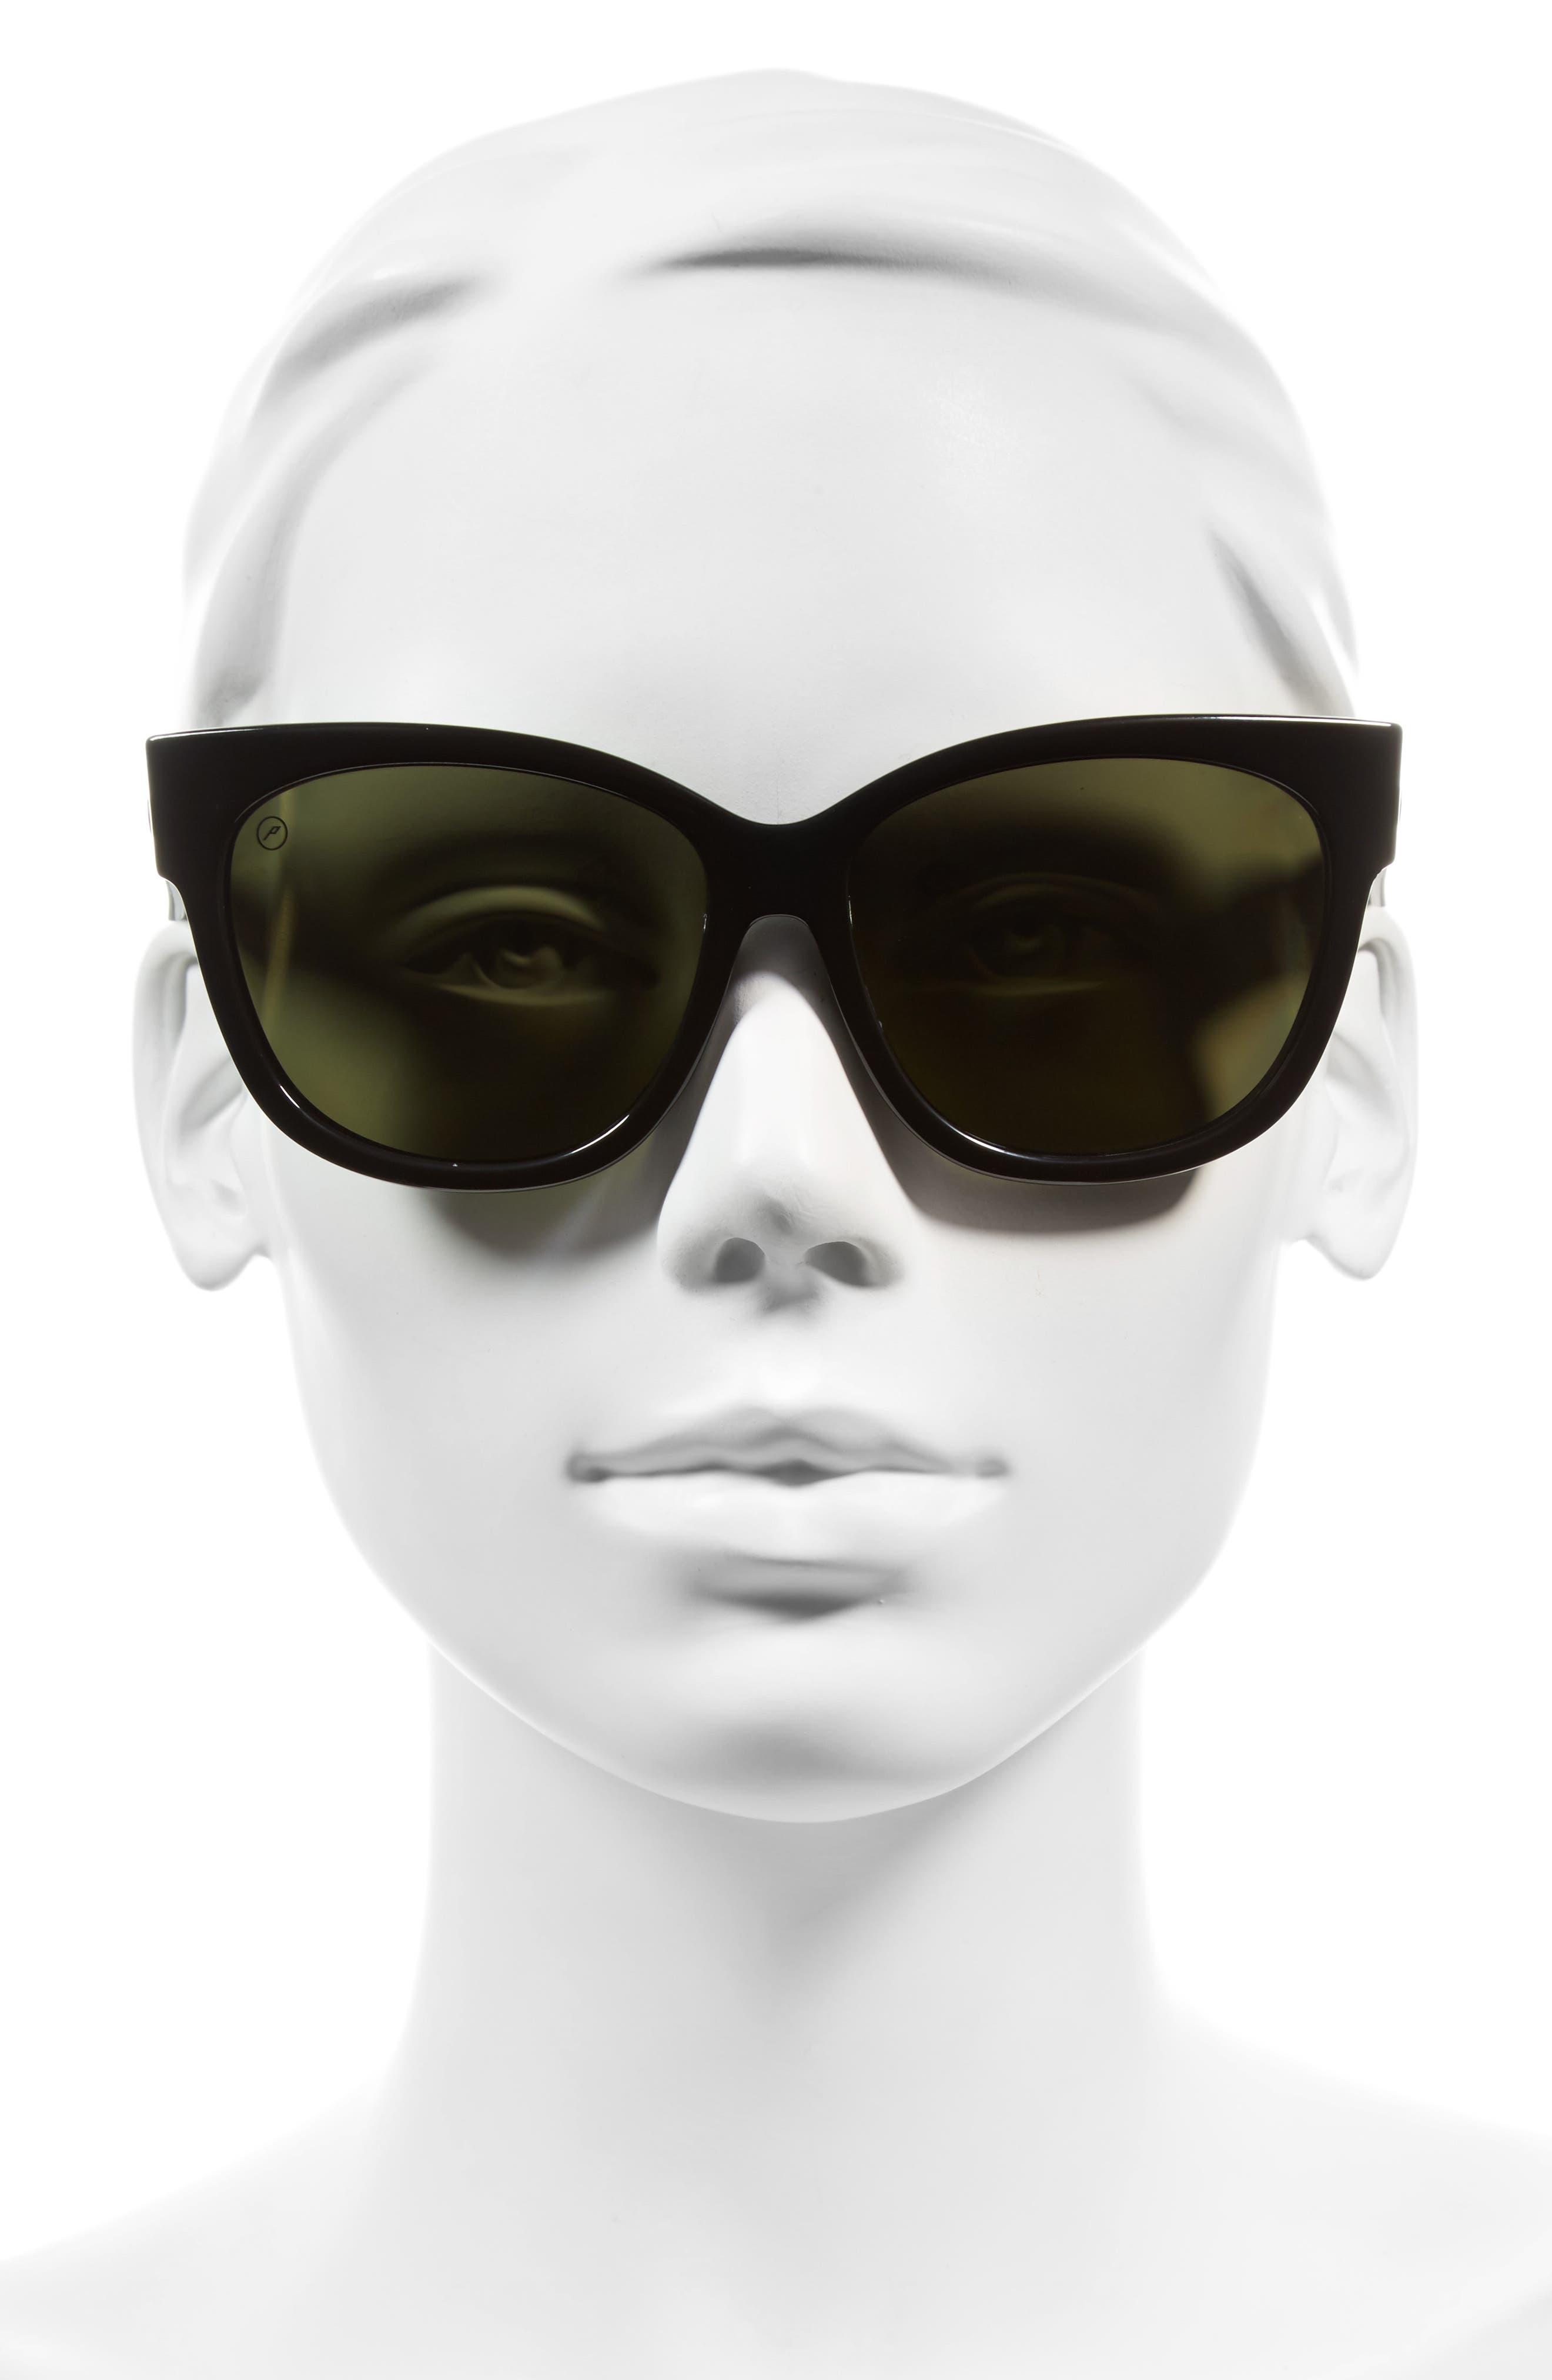 Danger Cat 58mm Sunglasses,                             Alternate thumbnail 2, color,                             Gloss Black/ Polarized Grey